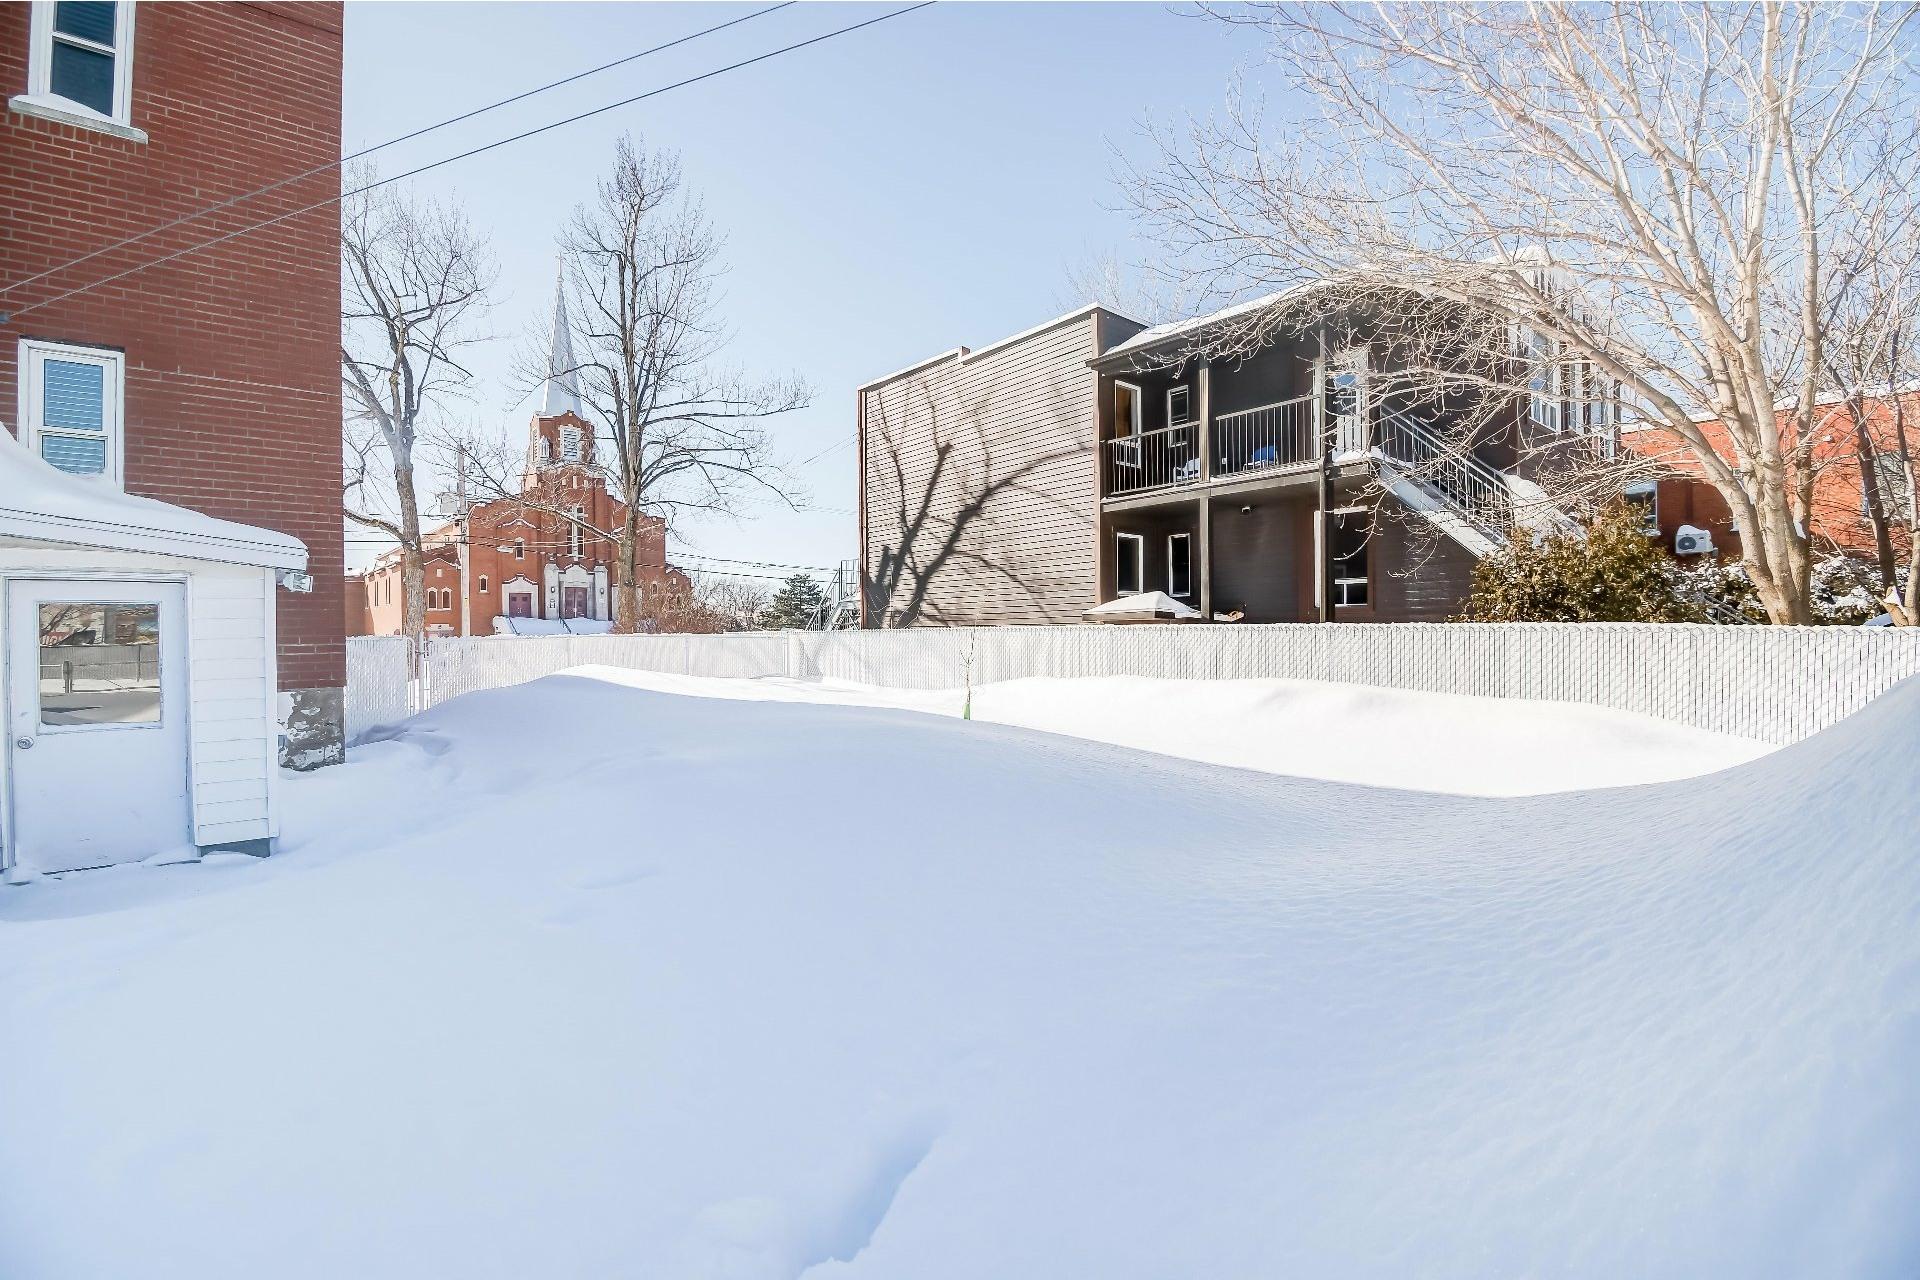 image 31 - Duplex À vendre Trois-Rivières - 3 pièces